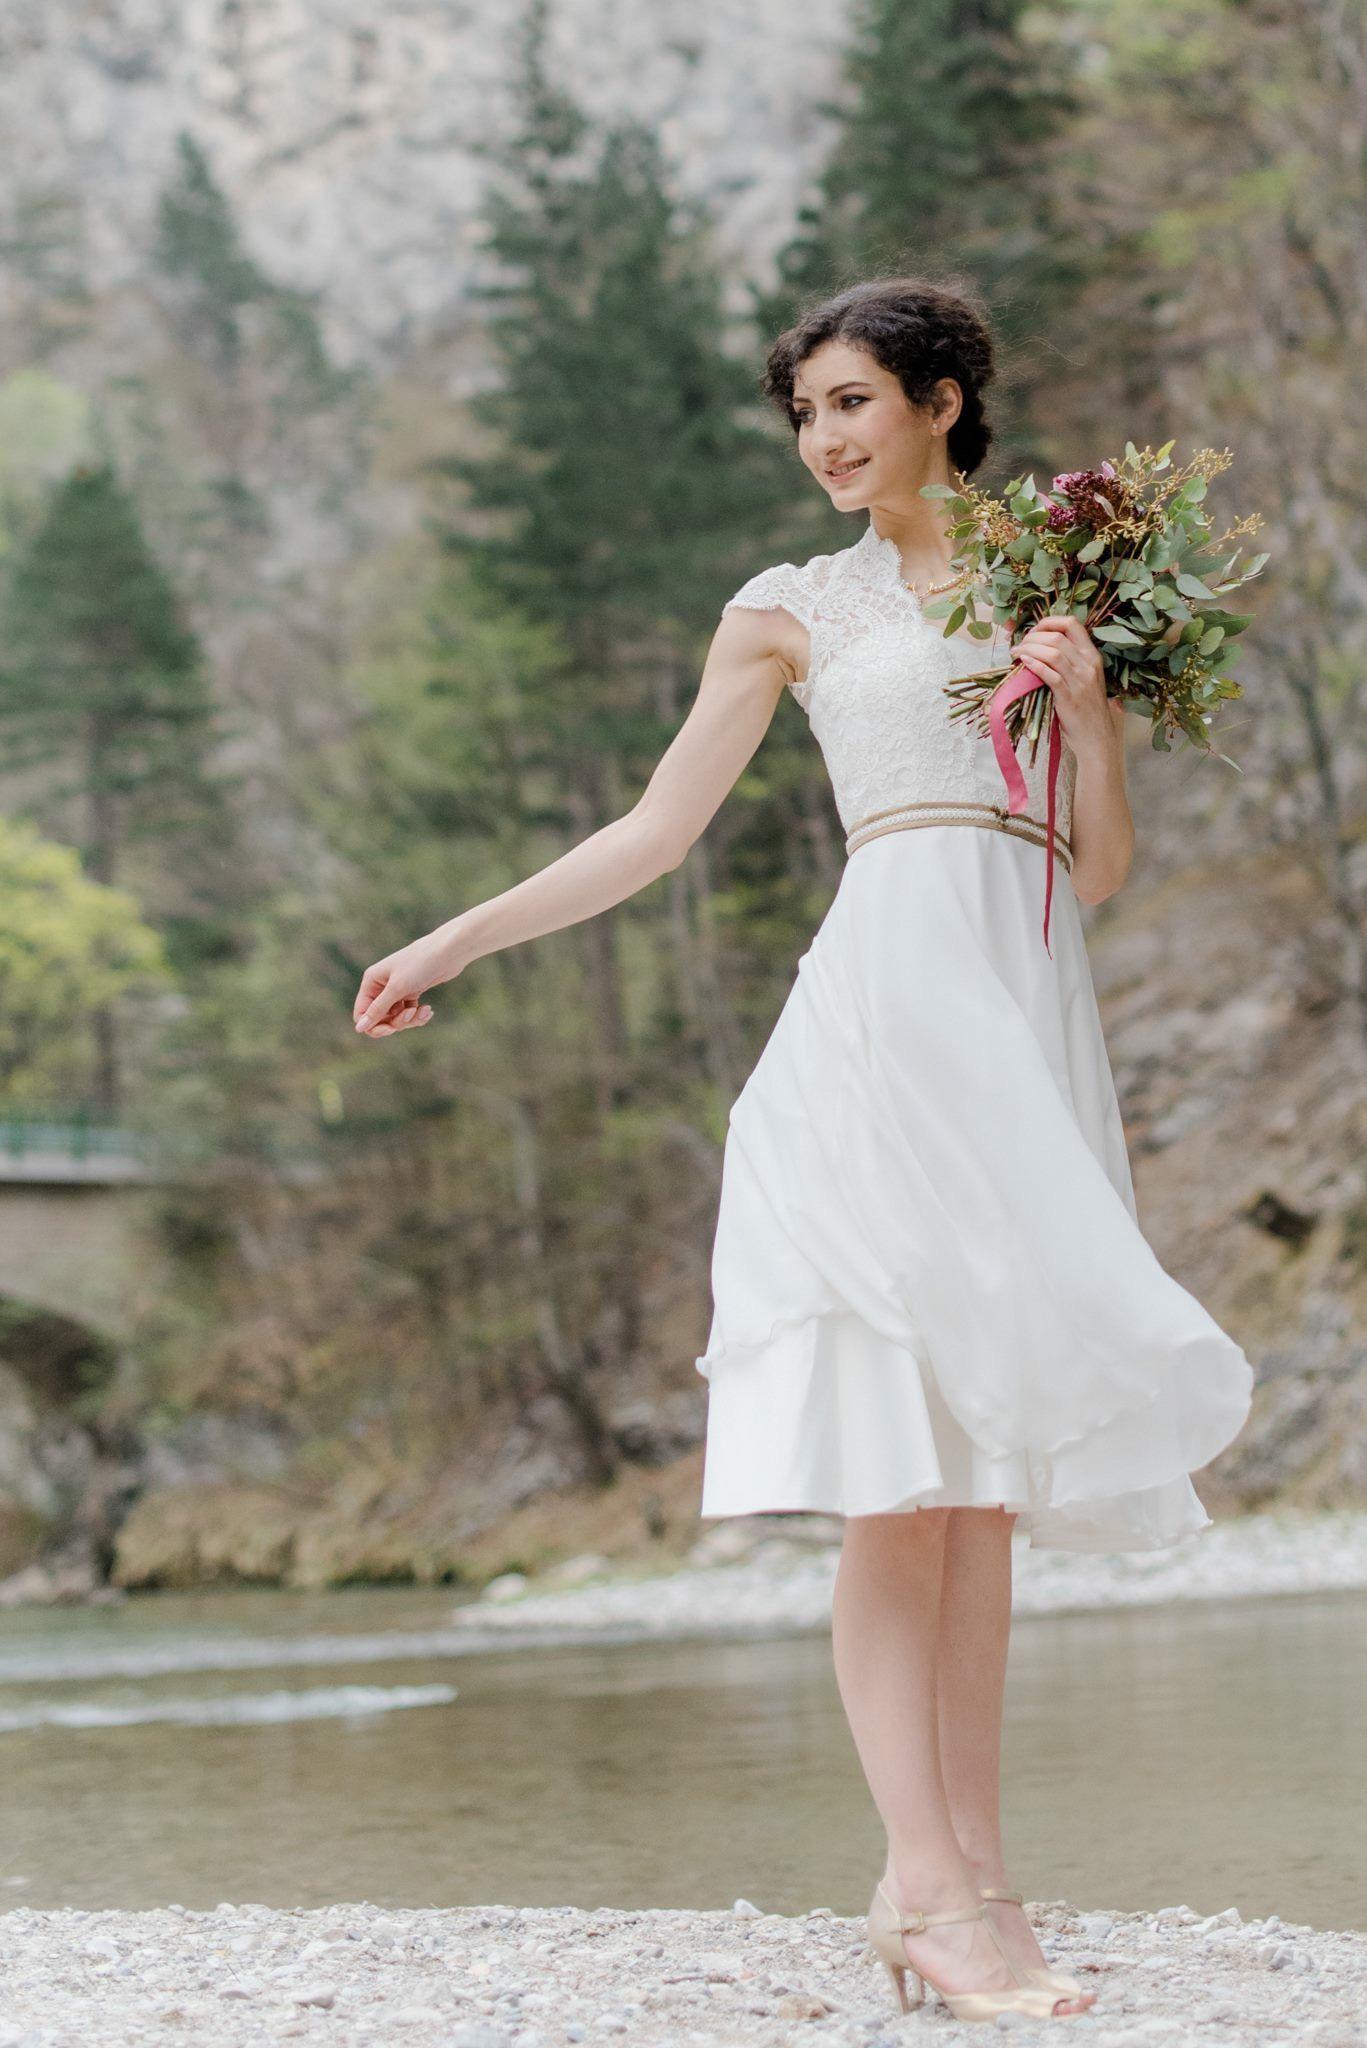 Sommerliches Brautkleid in knielang für die standesamtliche